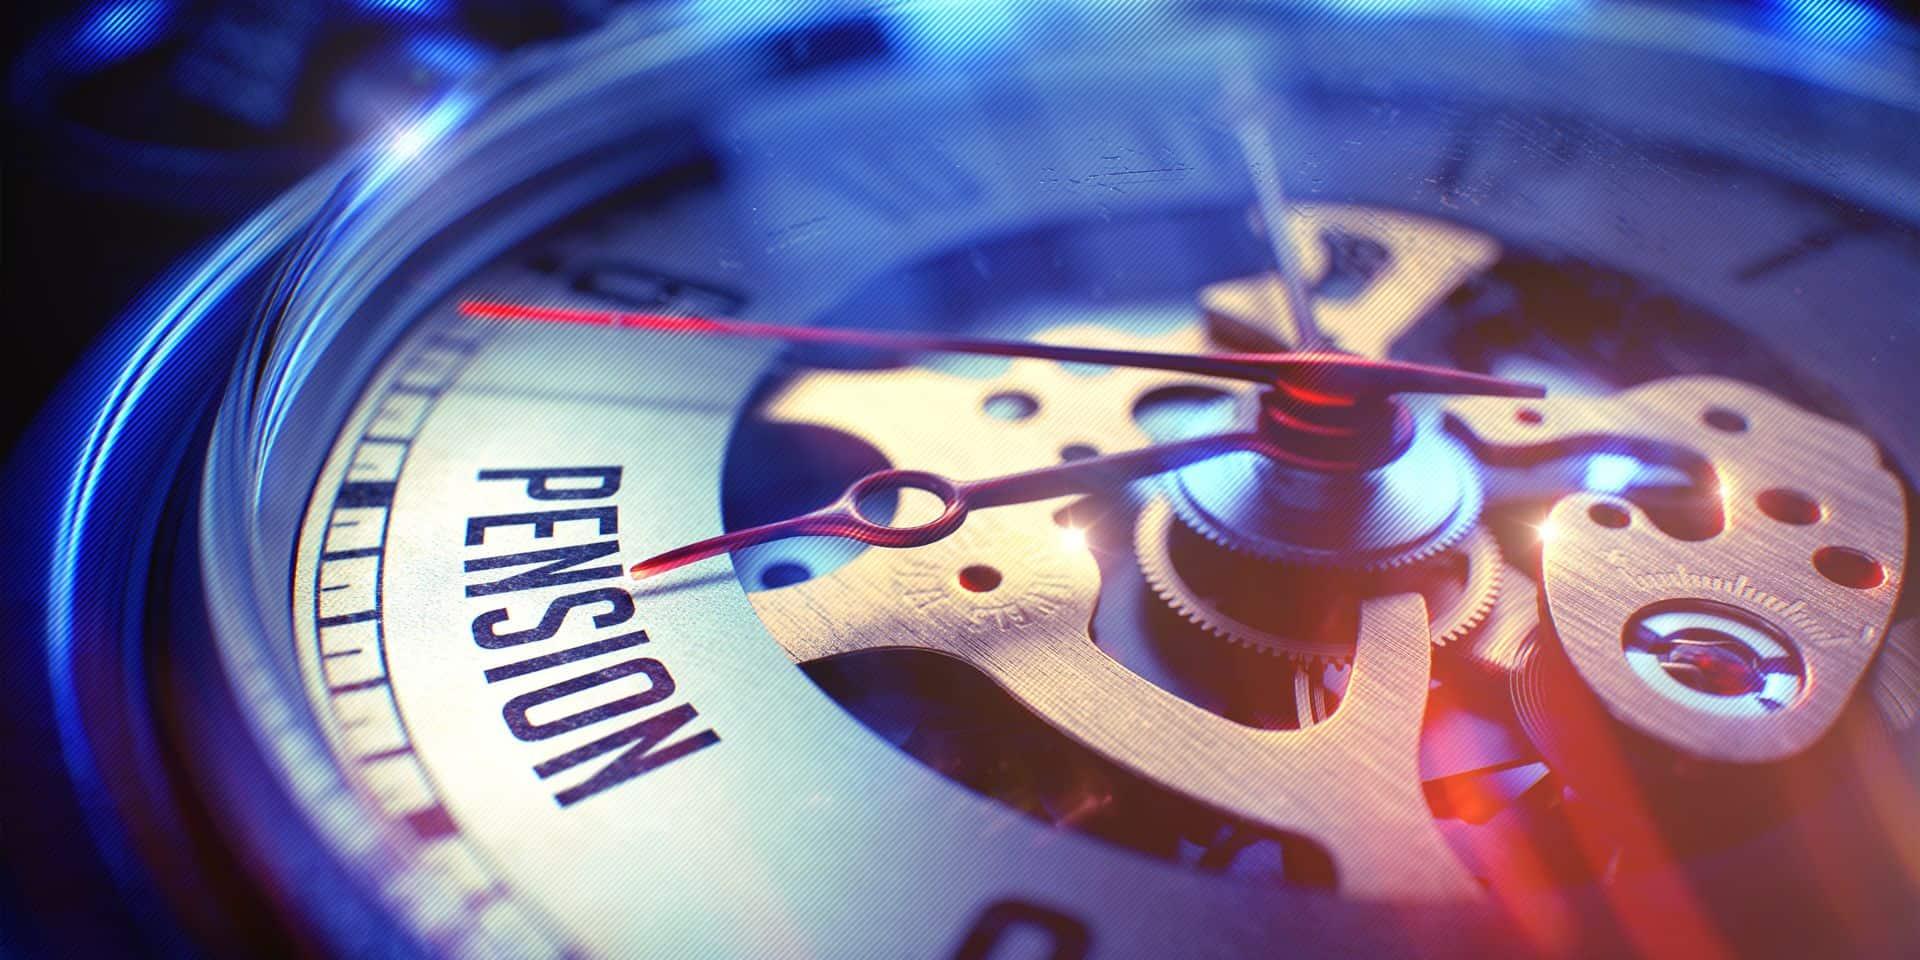 Pension : que dois-je faire quand approche l'âge de la retraite ?